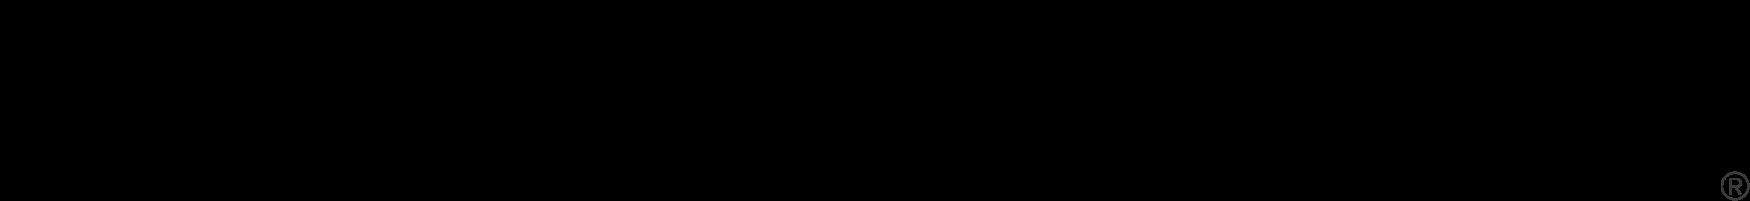 Keira Kotler - Everviolet logo®_Final.png